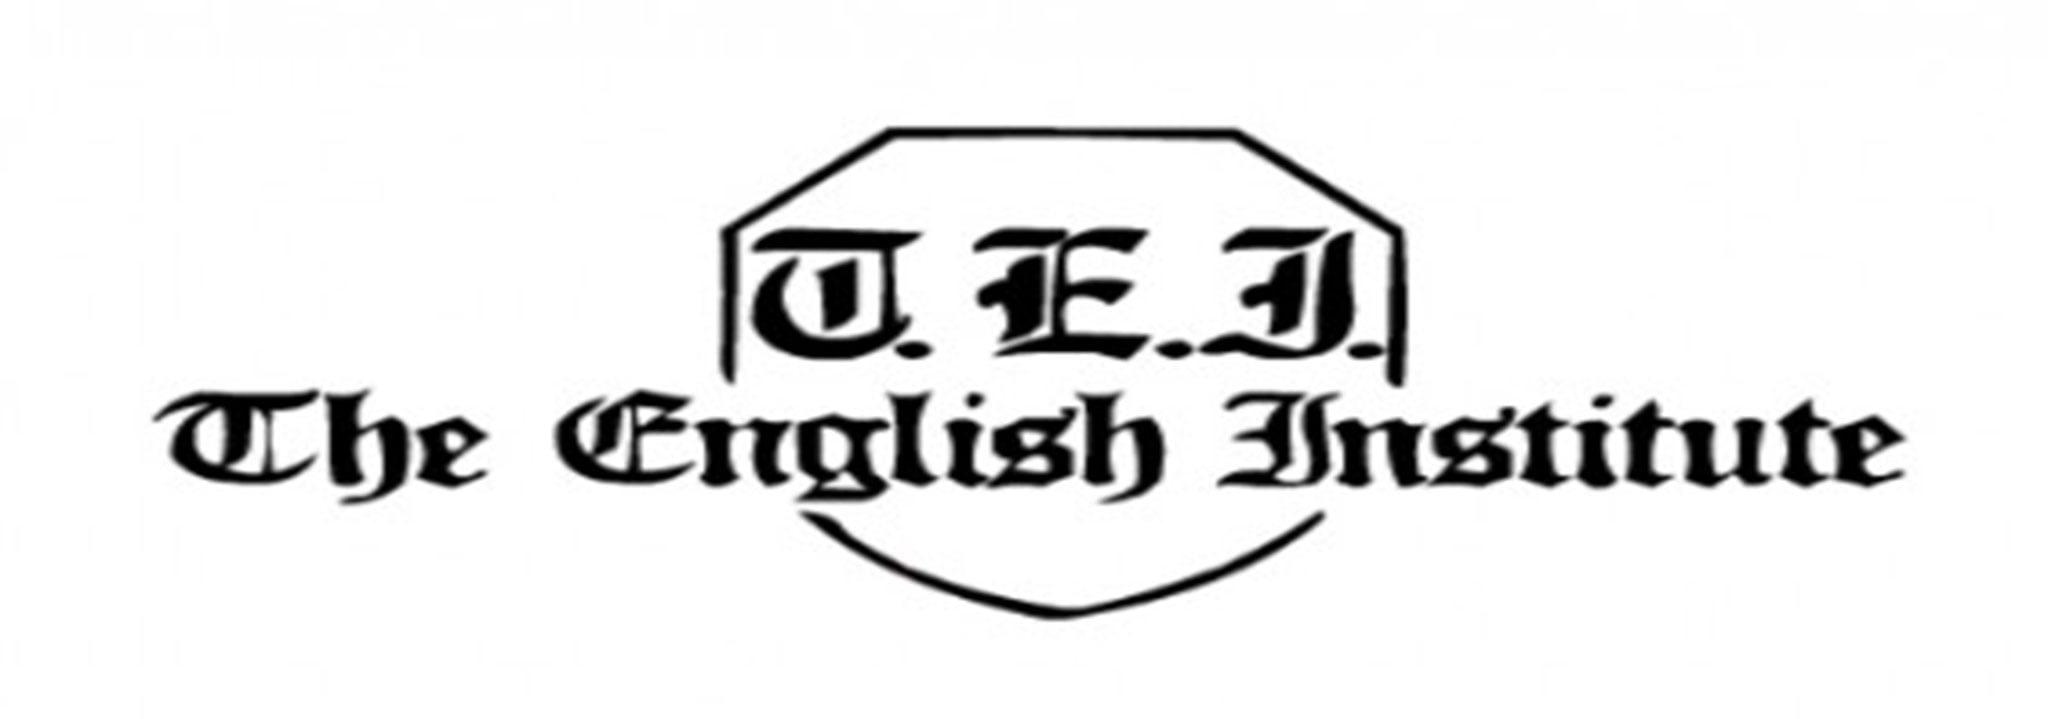 The English Institute logo